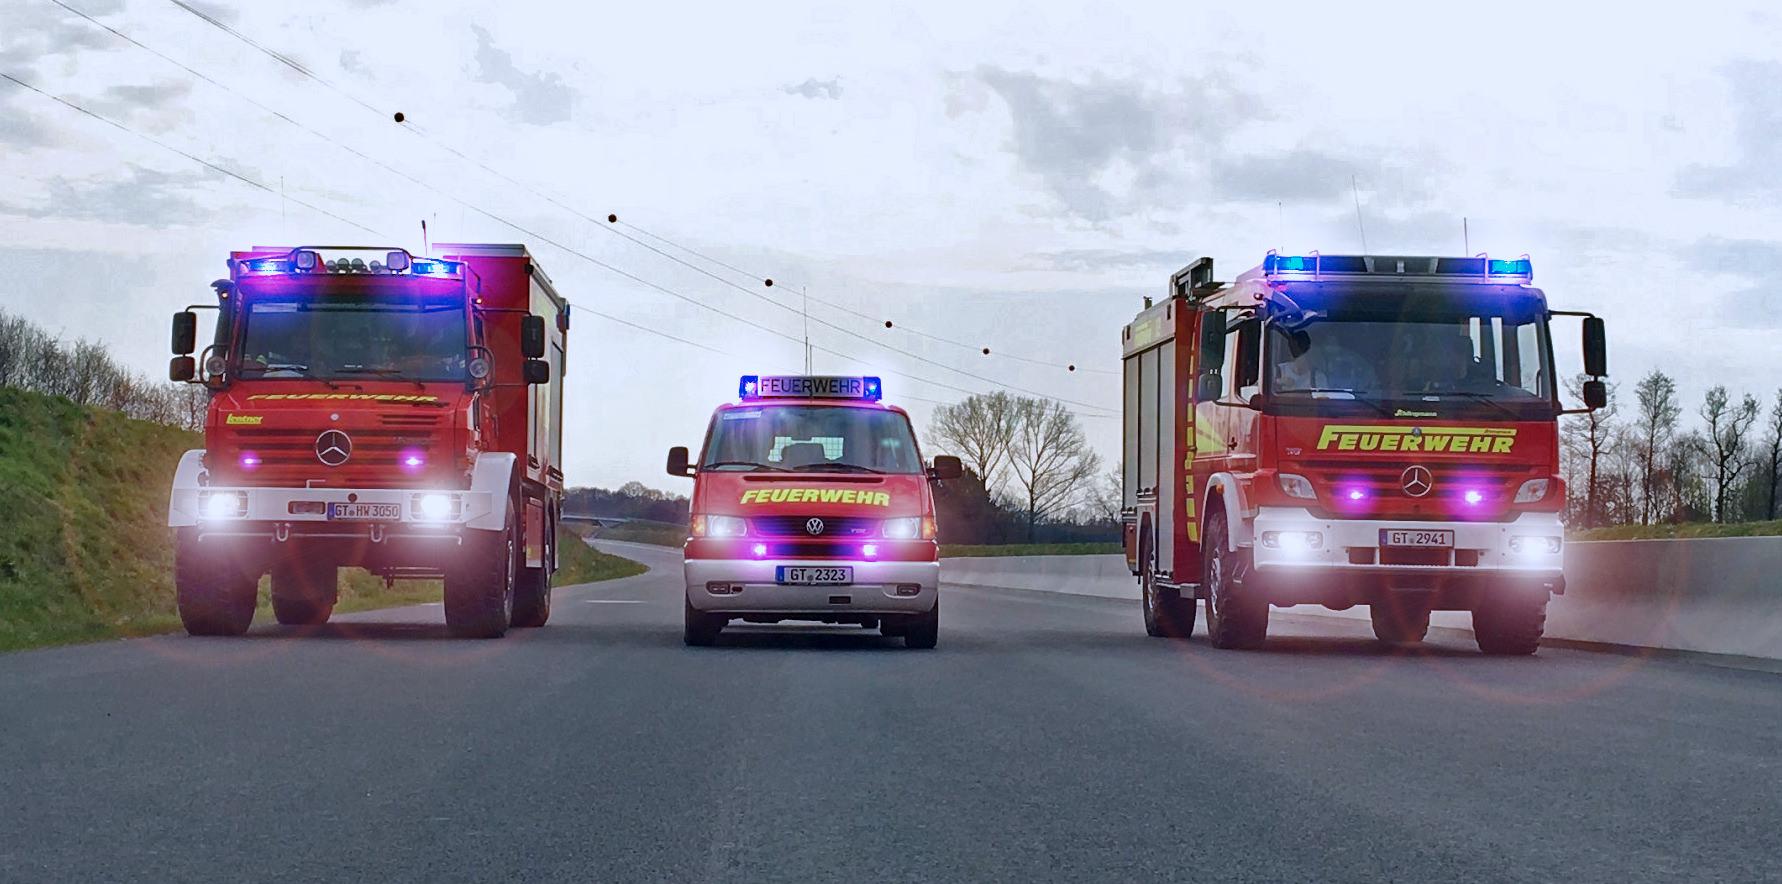 Freiwillige Feuerwehr Kölkebeck